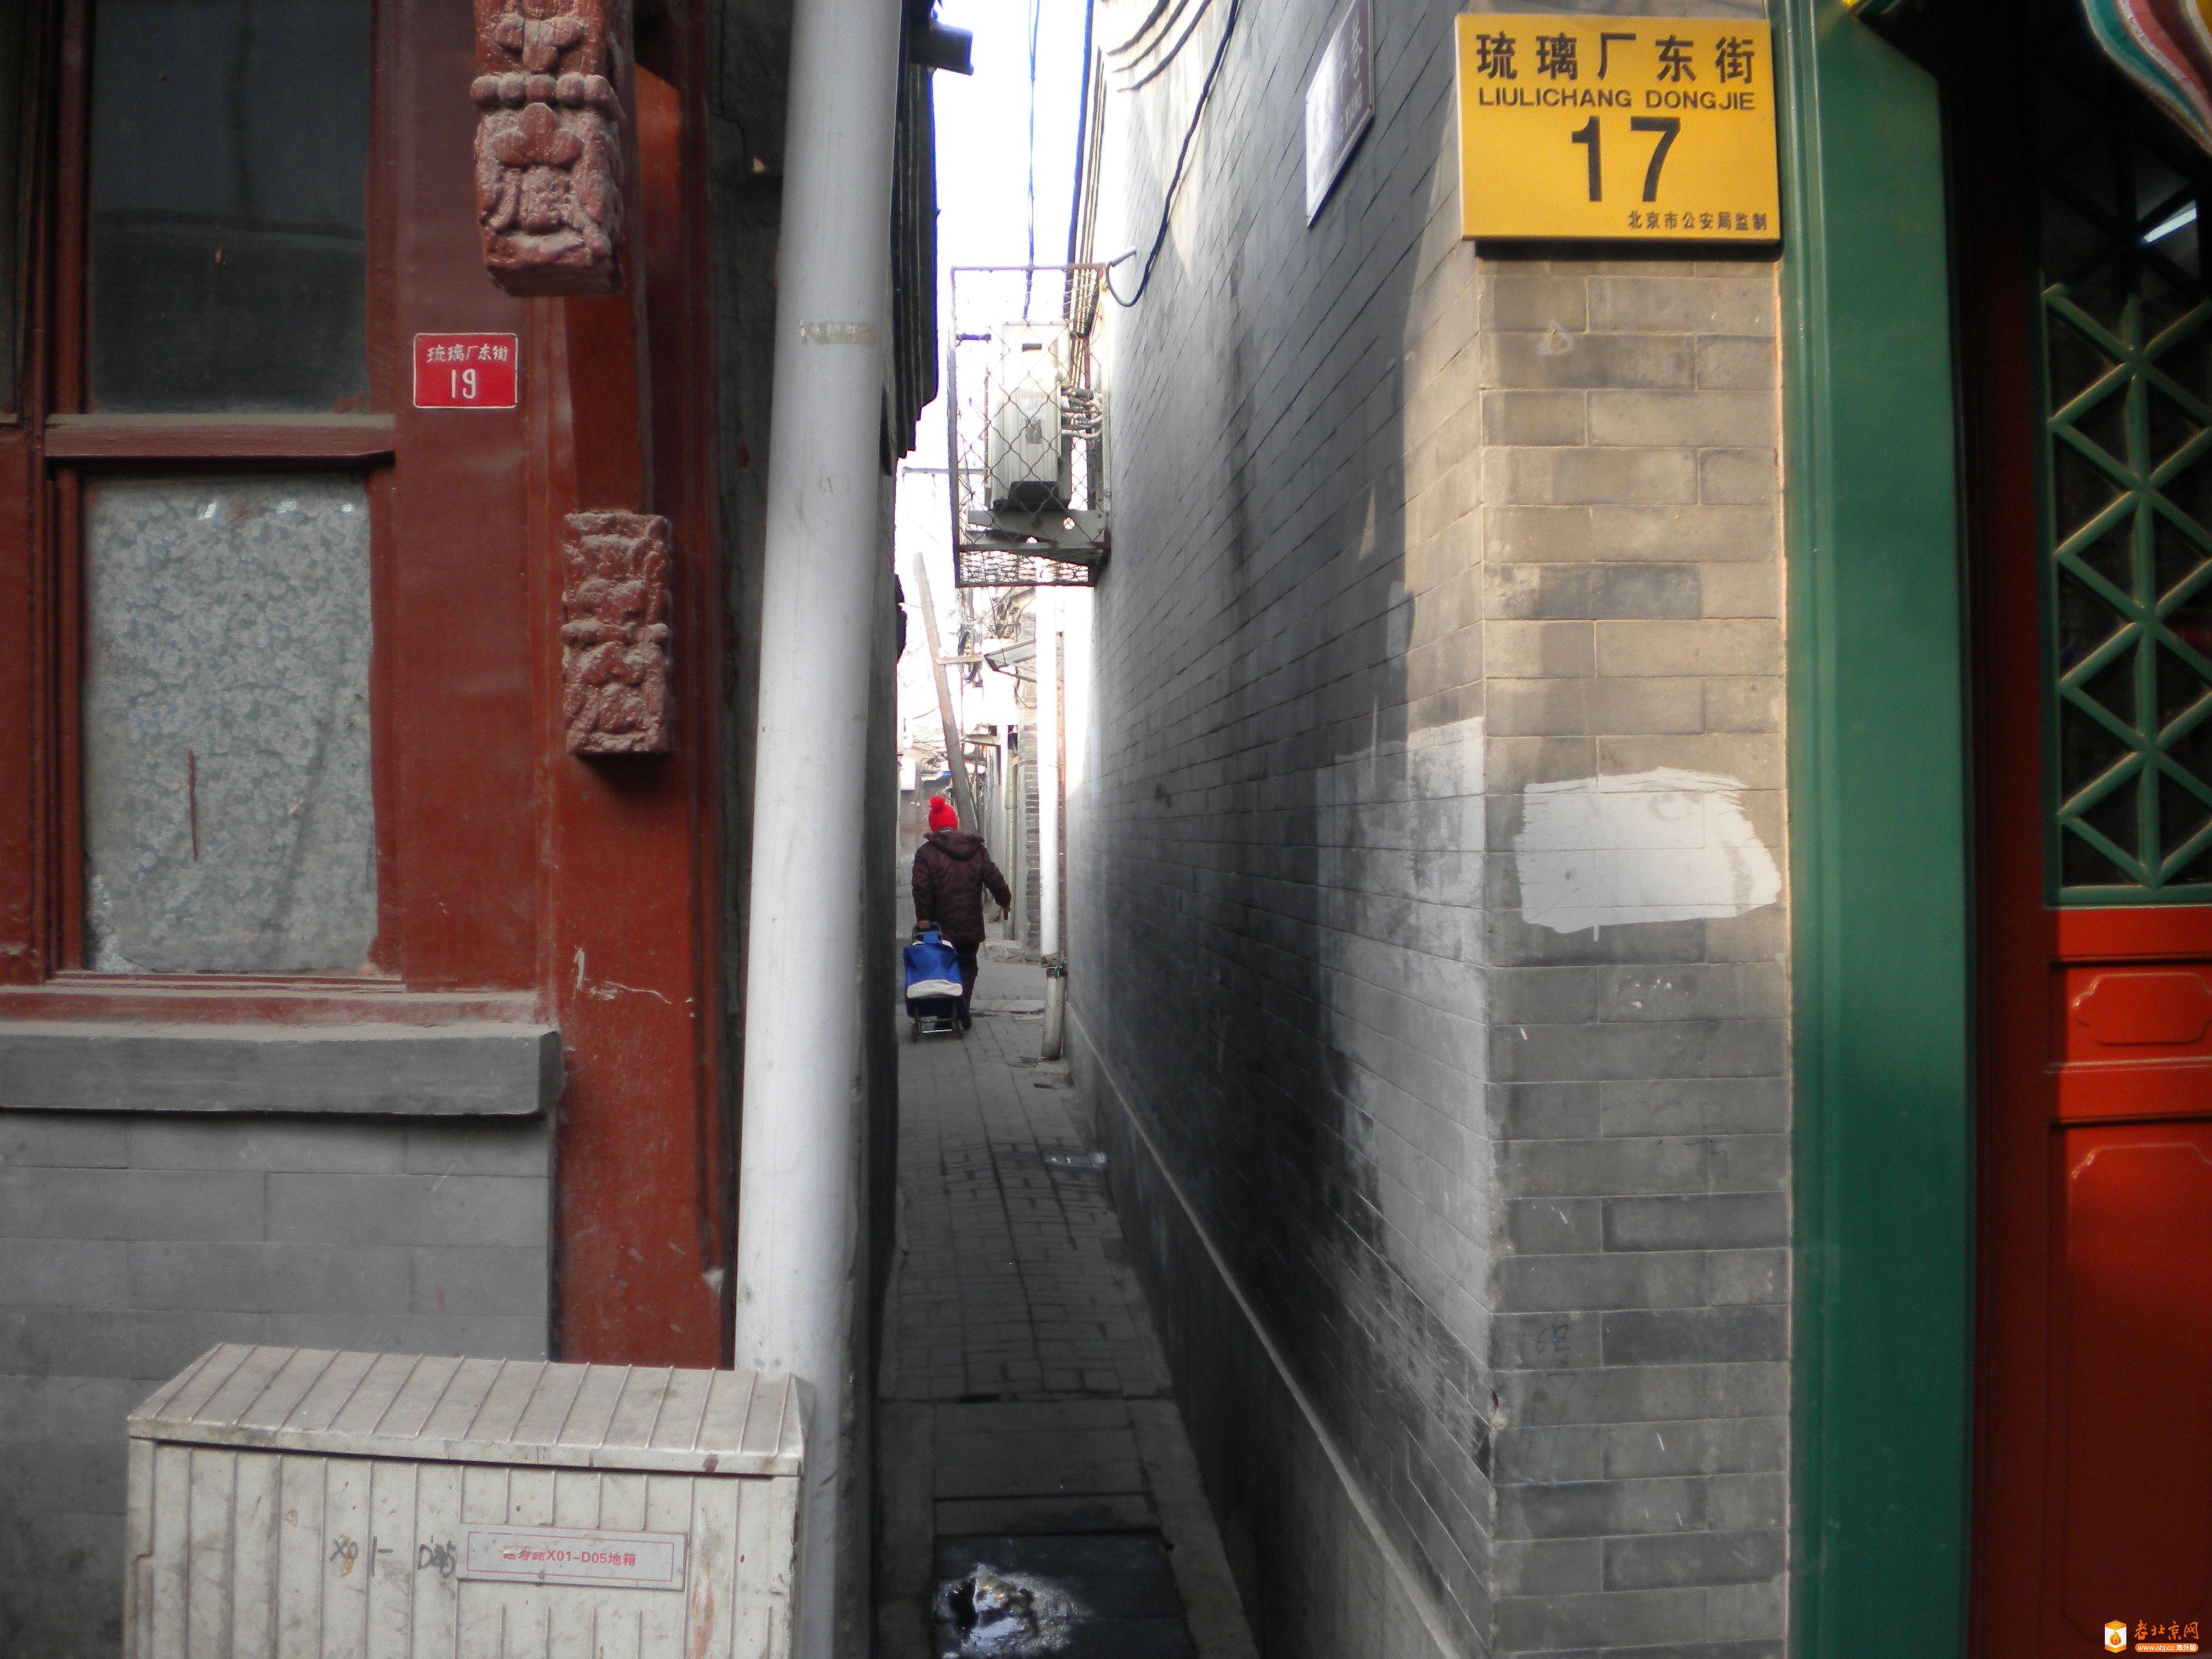 2013年2月13日(癸巳年正月初四)下午,从东琉璃厂东段拍摄的东太平巷南口⑴